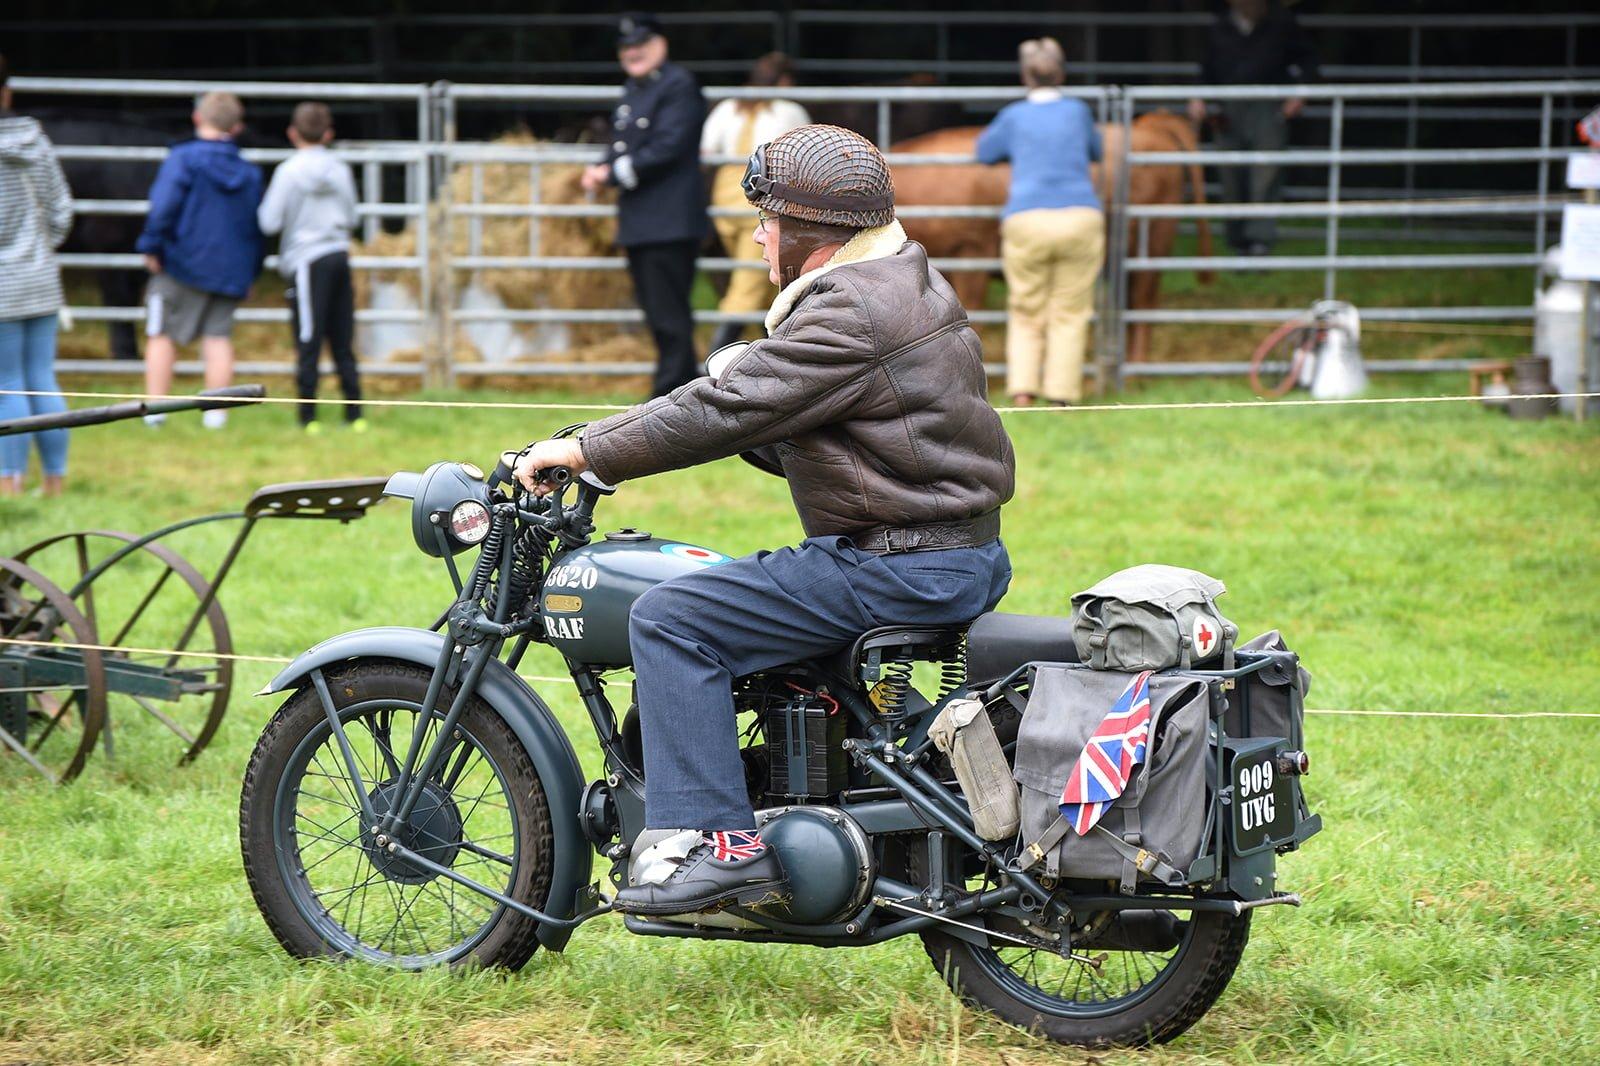 War time RAF motorbike being ridden